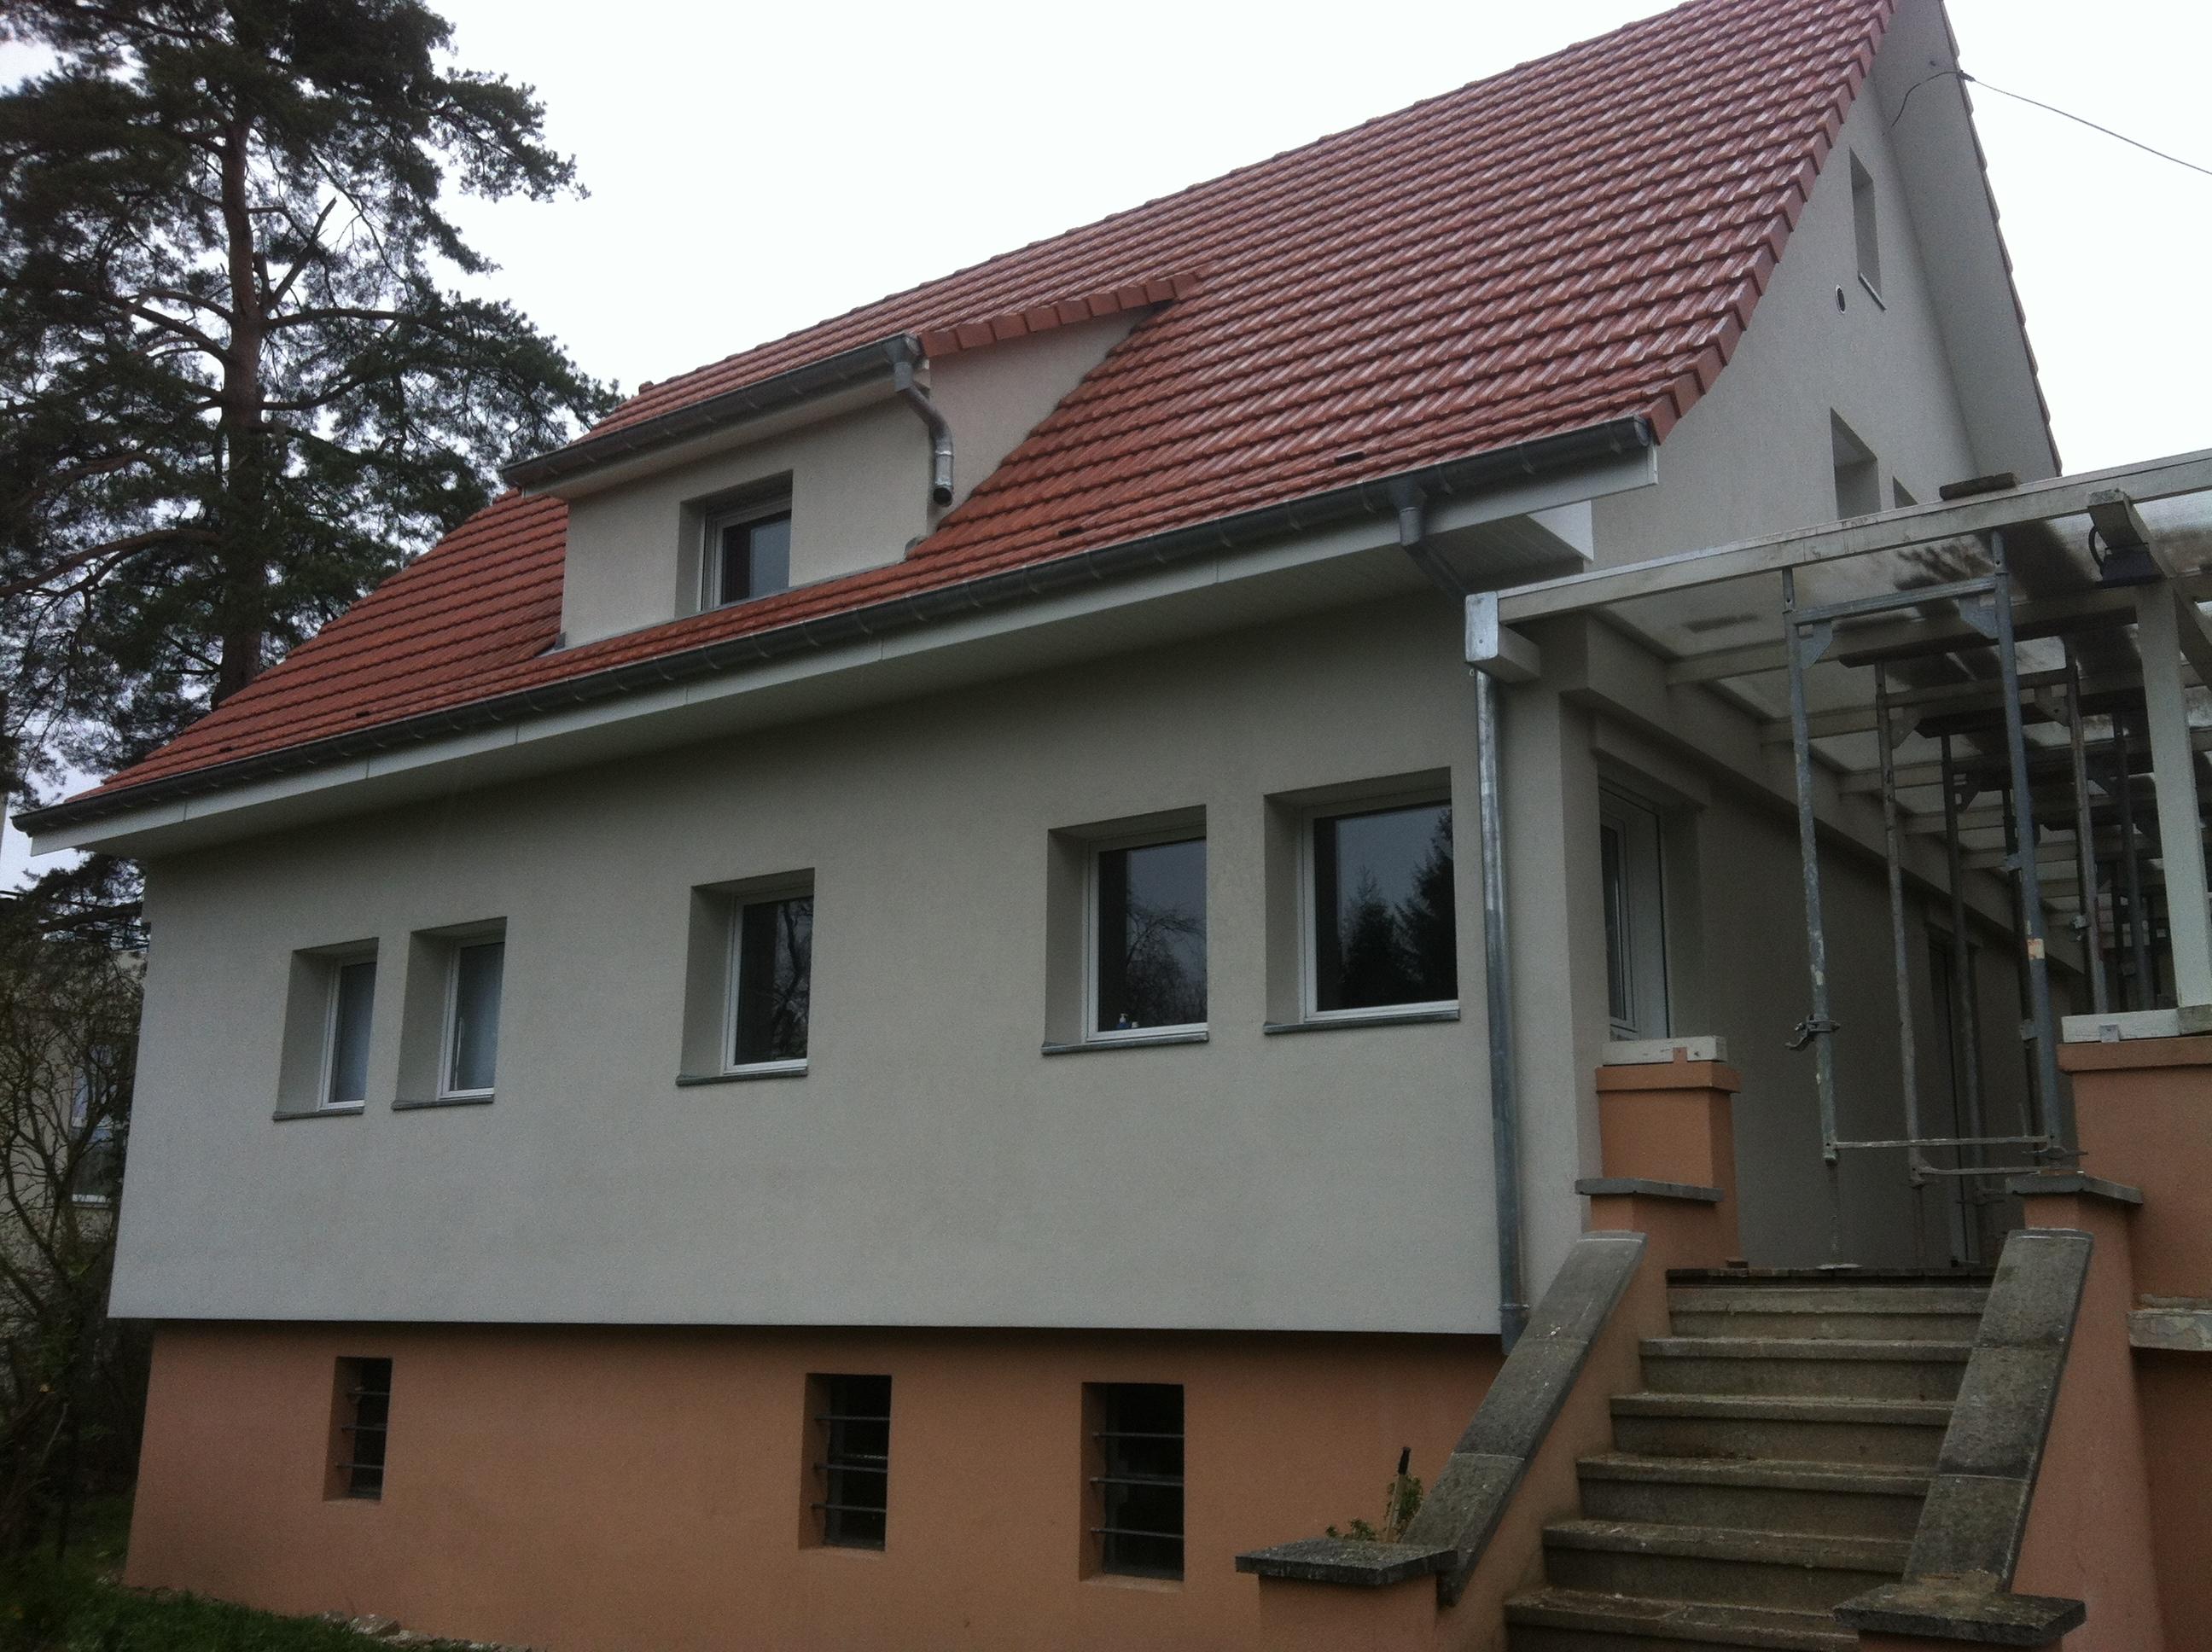 R novation et isolation d 39 une toiture et de murs abt bois - Les differentes etapes de construction d une maison ...